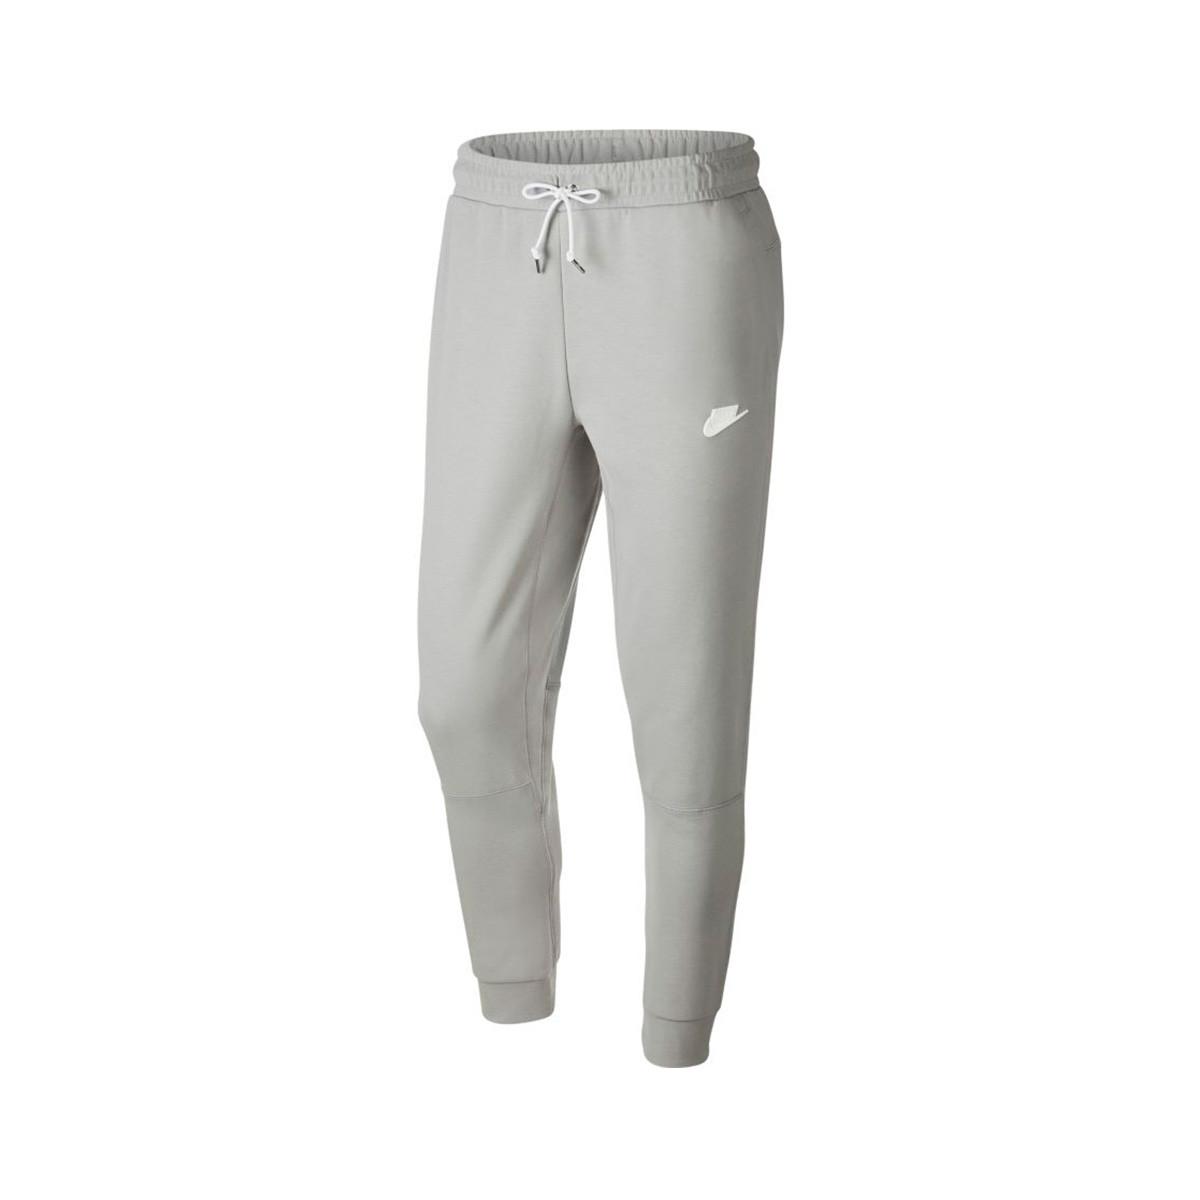 Críticamente Parche posición  Pantalon Nike Sportswear Modern Jogger Fleece Lite smoke grey-Ice  silver-White-White - Boutique de football Fútbol Emotion